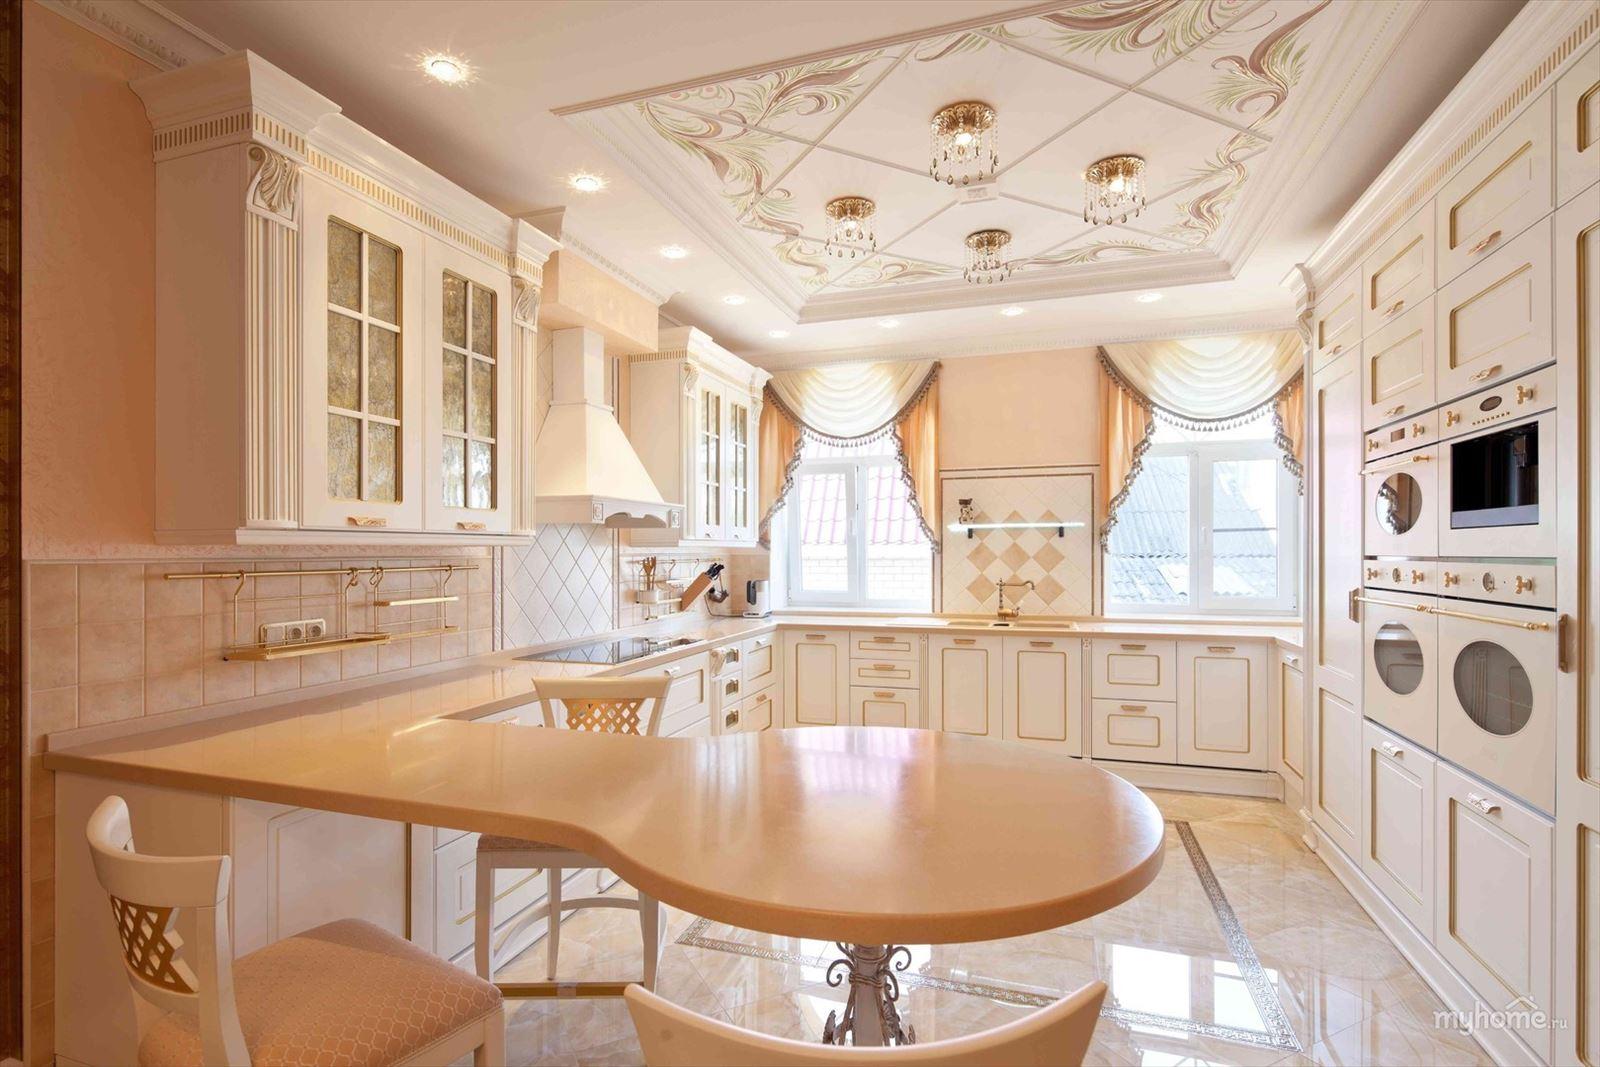 Самые красивые кухни в интерьере фото